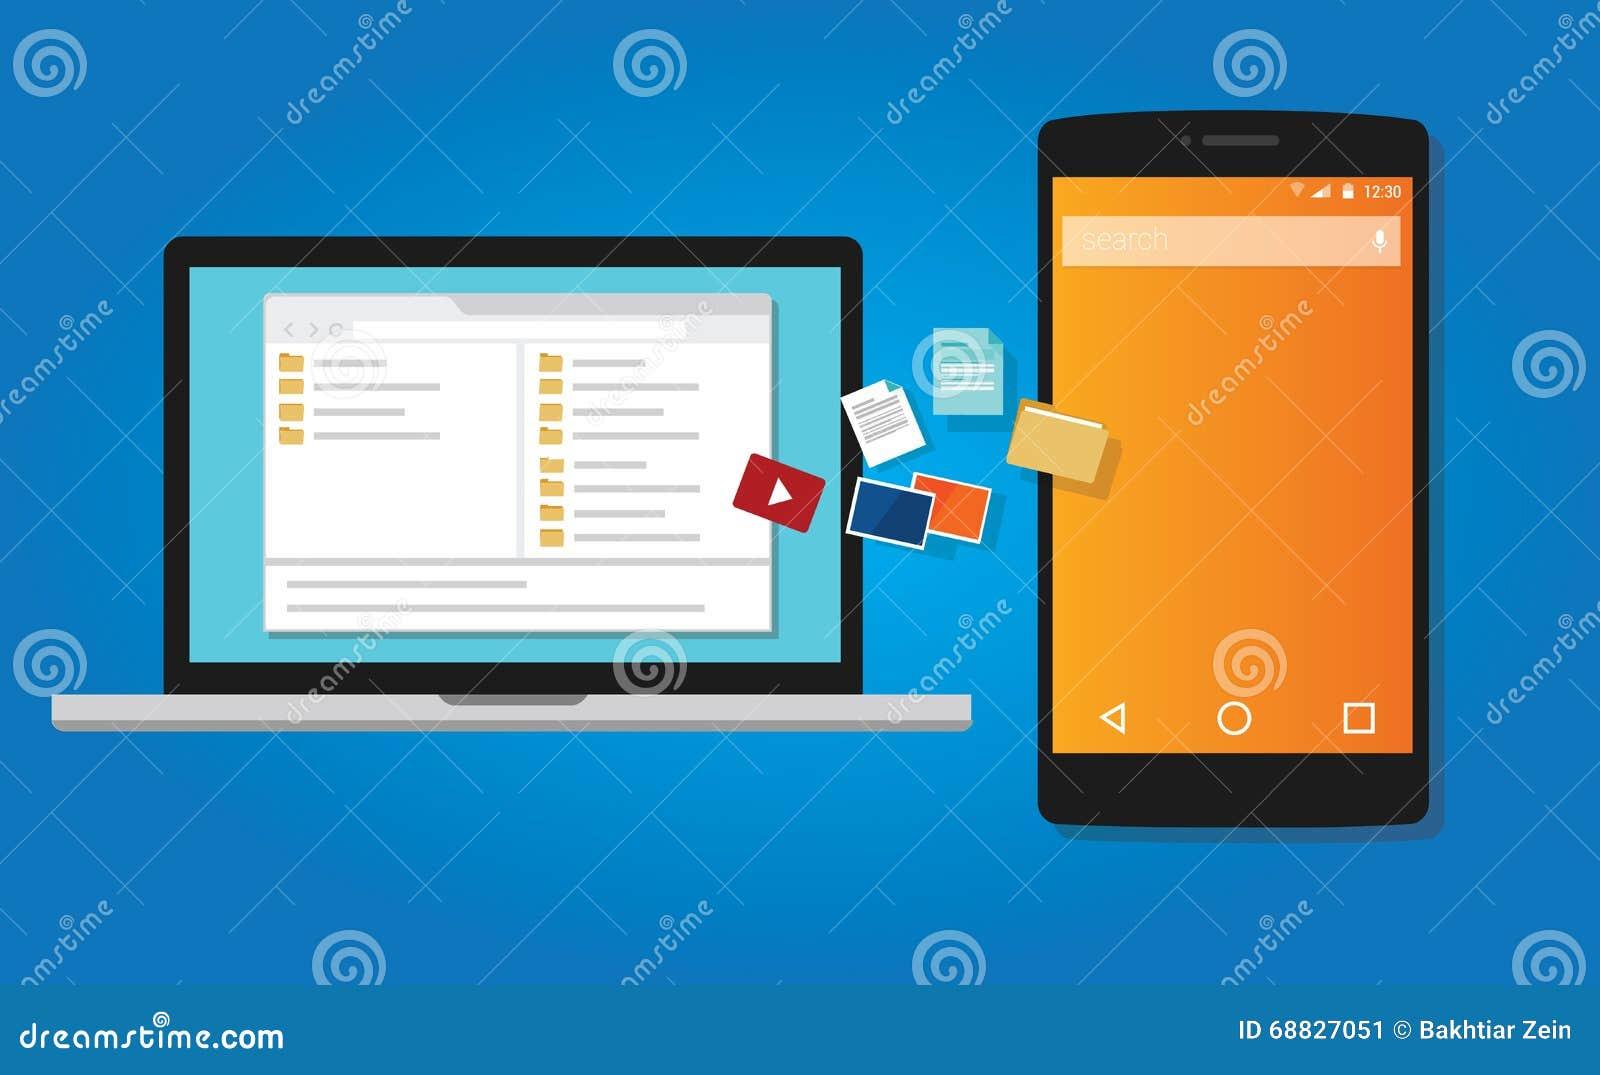 Dokument för kopia för mappöverföring till mobiltelefonen från illustration för datorsymbolssymbol